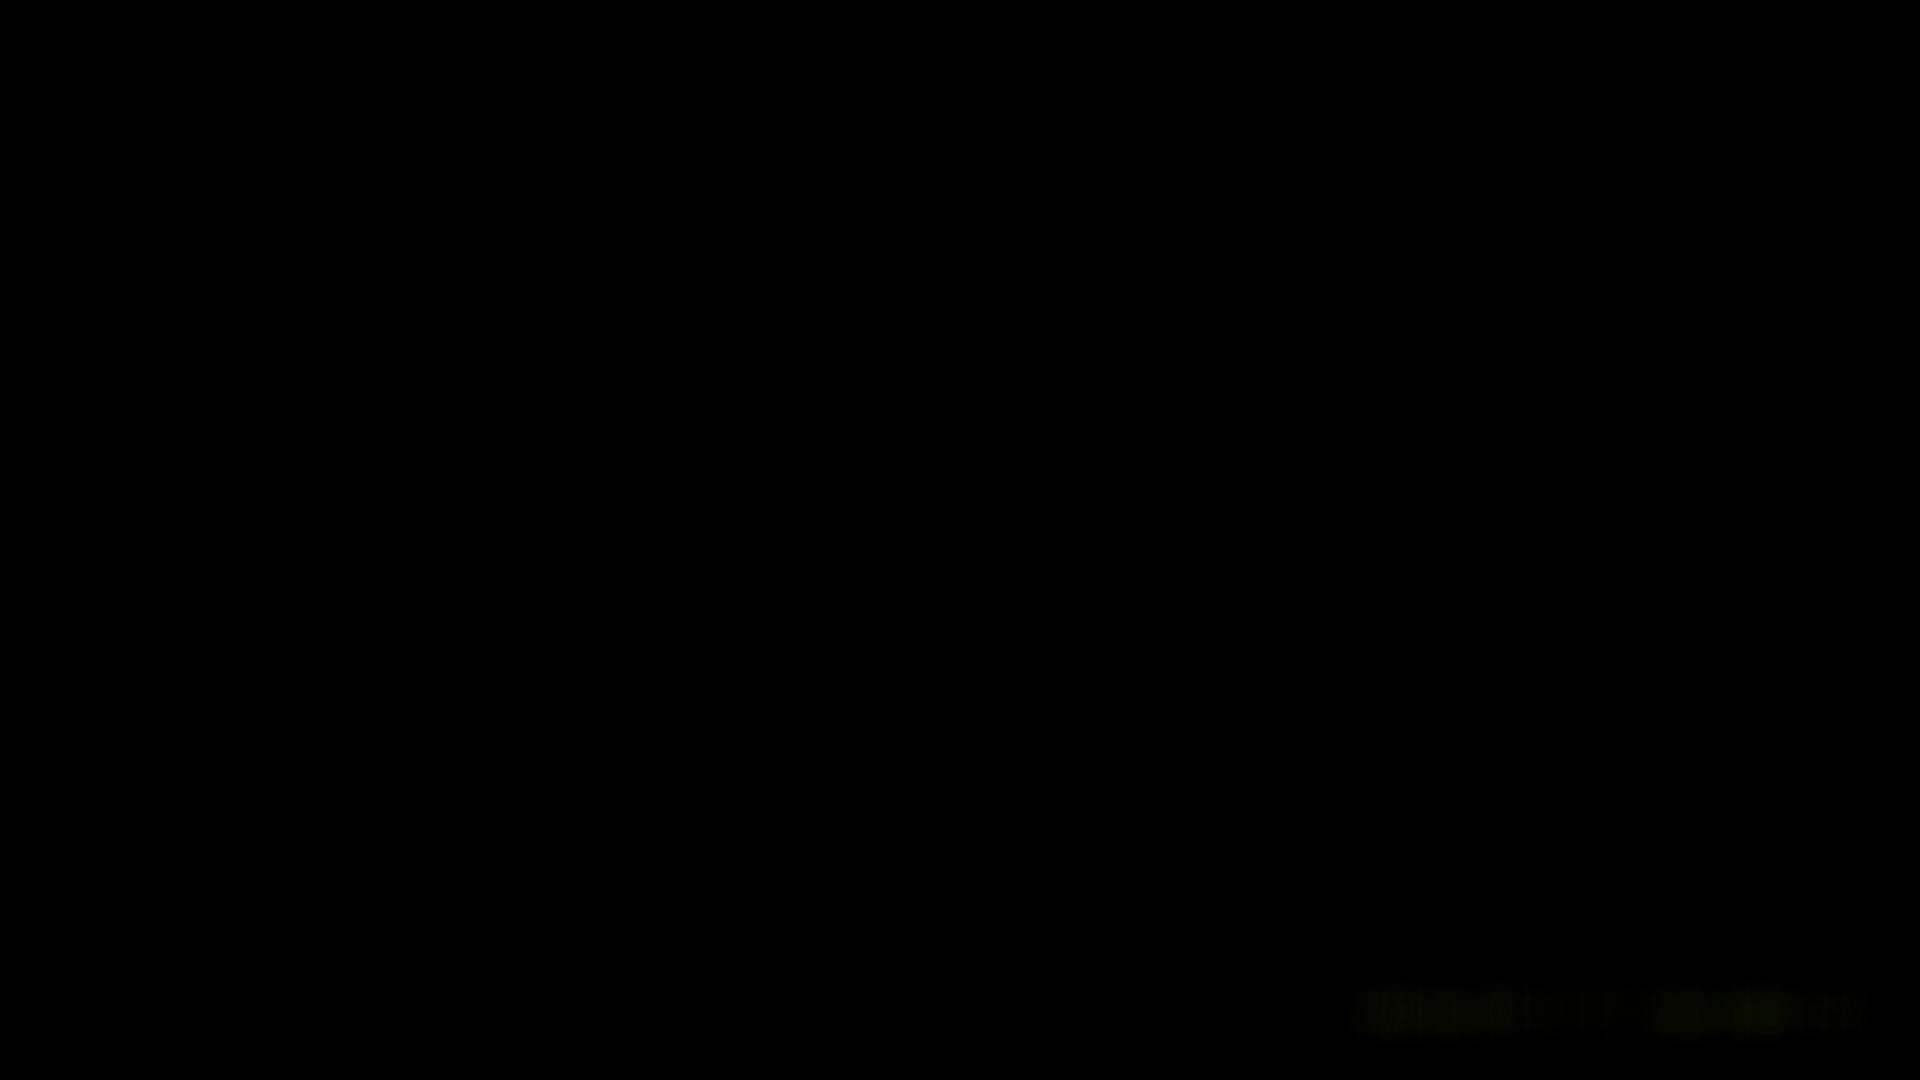 清楚な顔してかなり敏感なE子25歳(仮名)Vol.05 裸でトイレ編 トイレ中 | OL  68連発 26